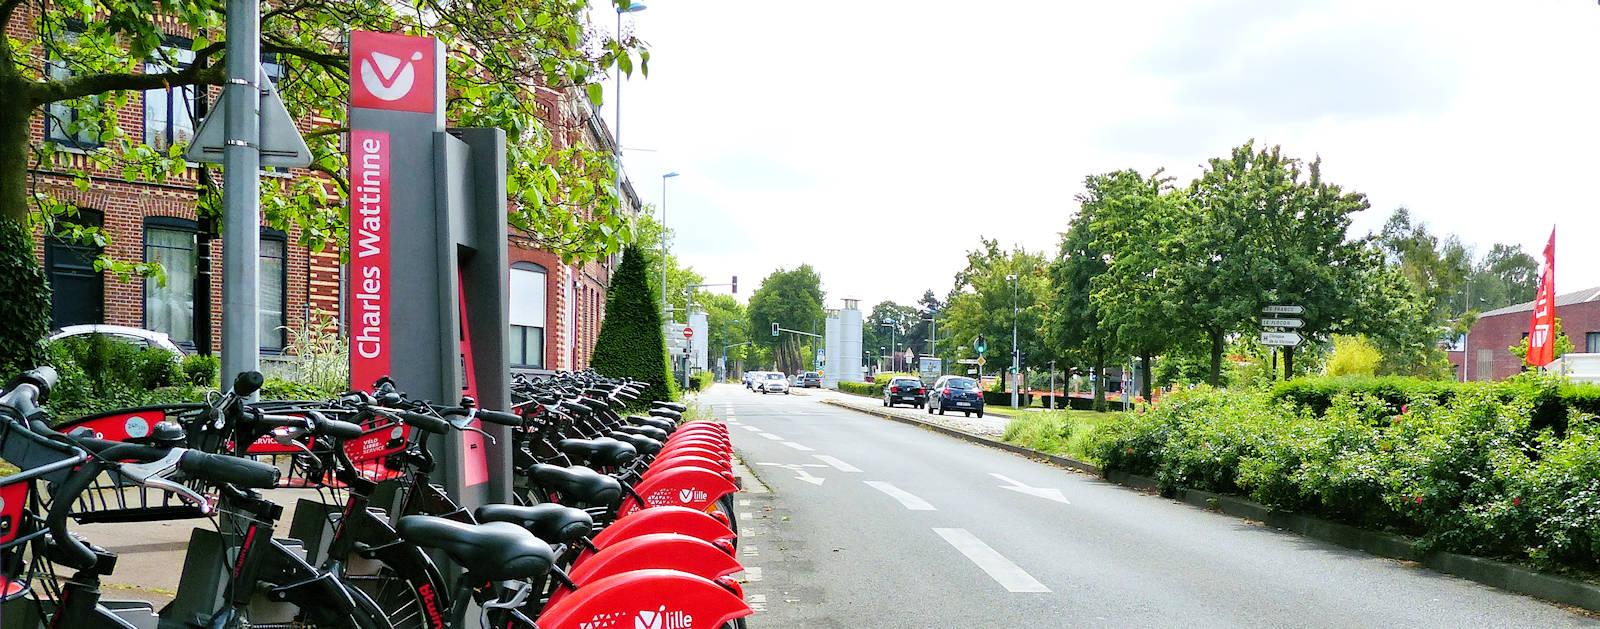 Station V'Lille Charles Wattinne, Tourcoing